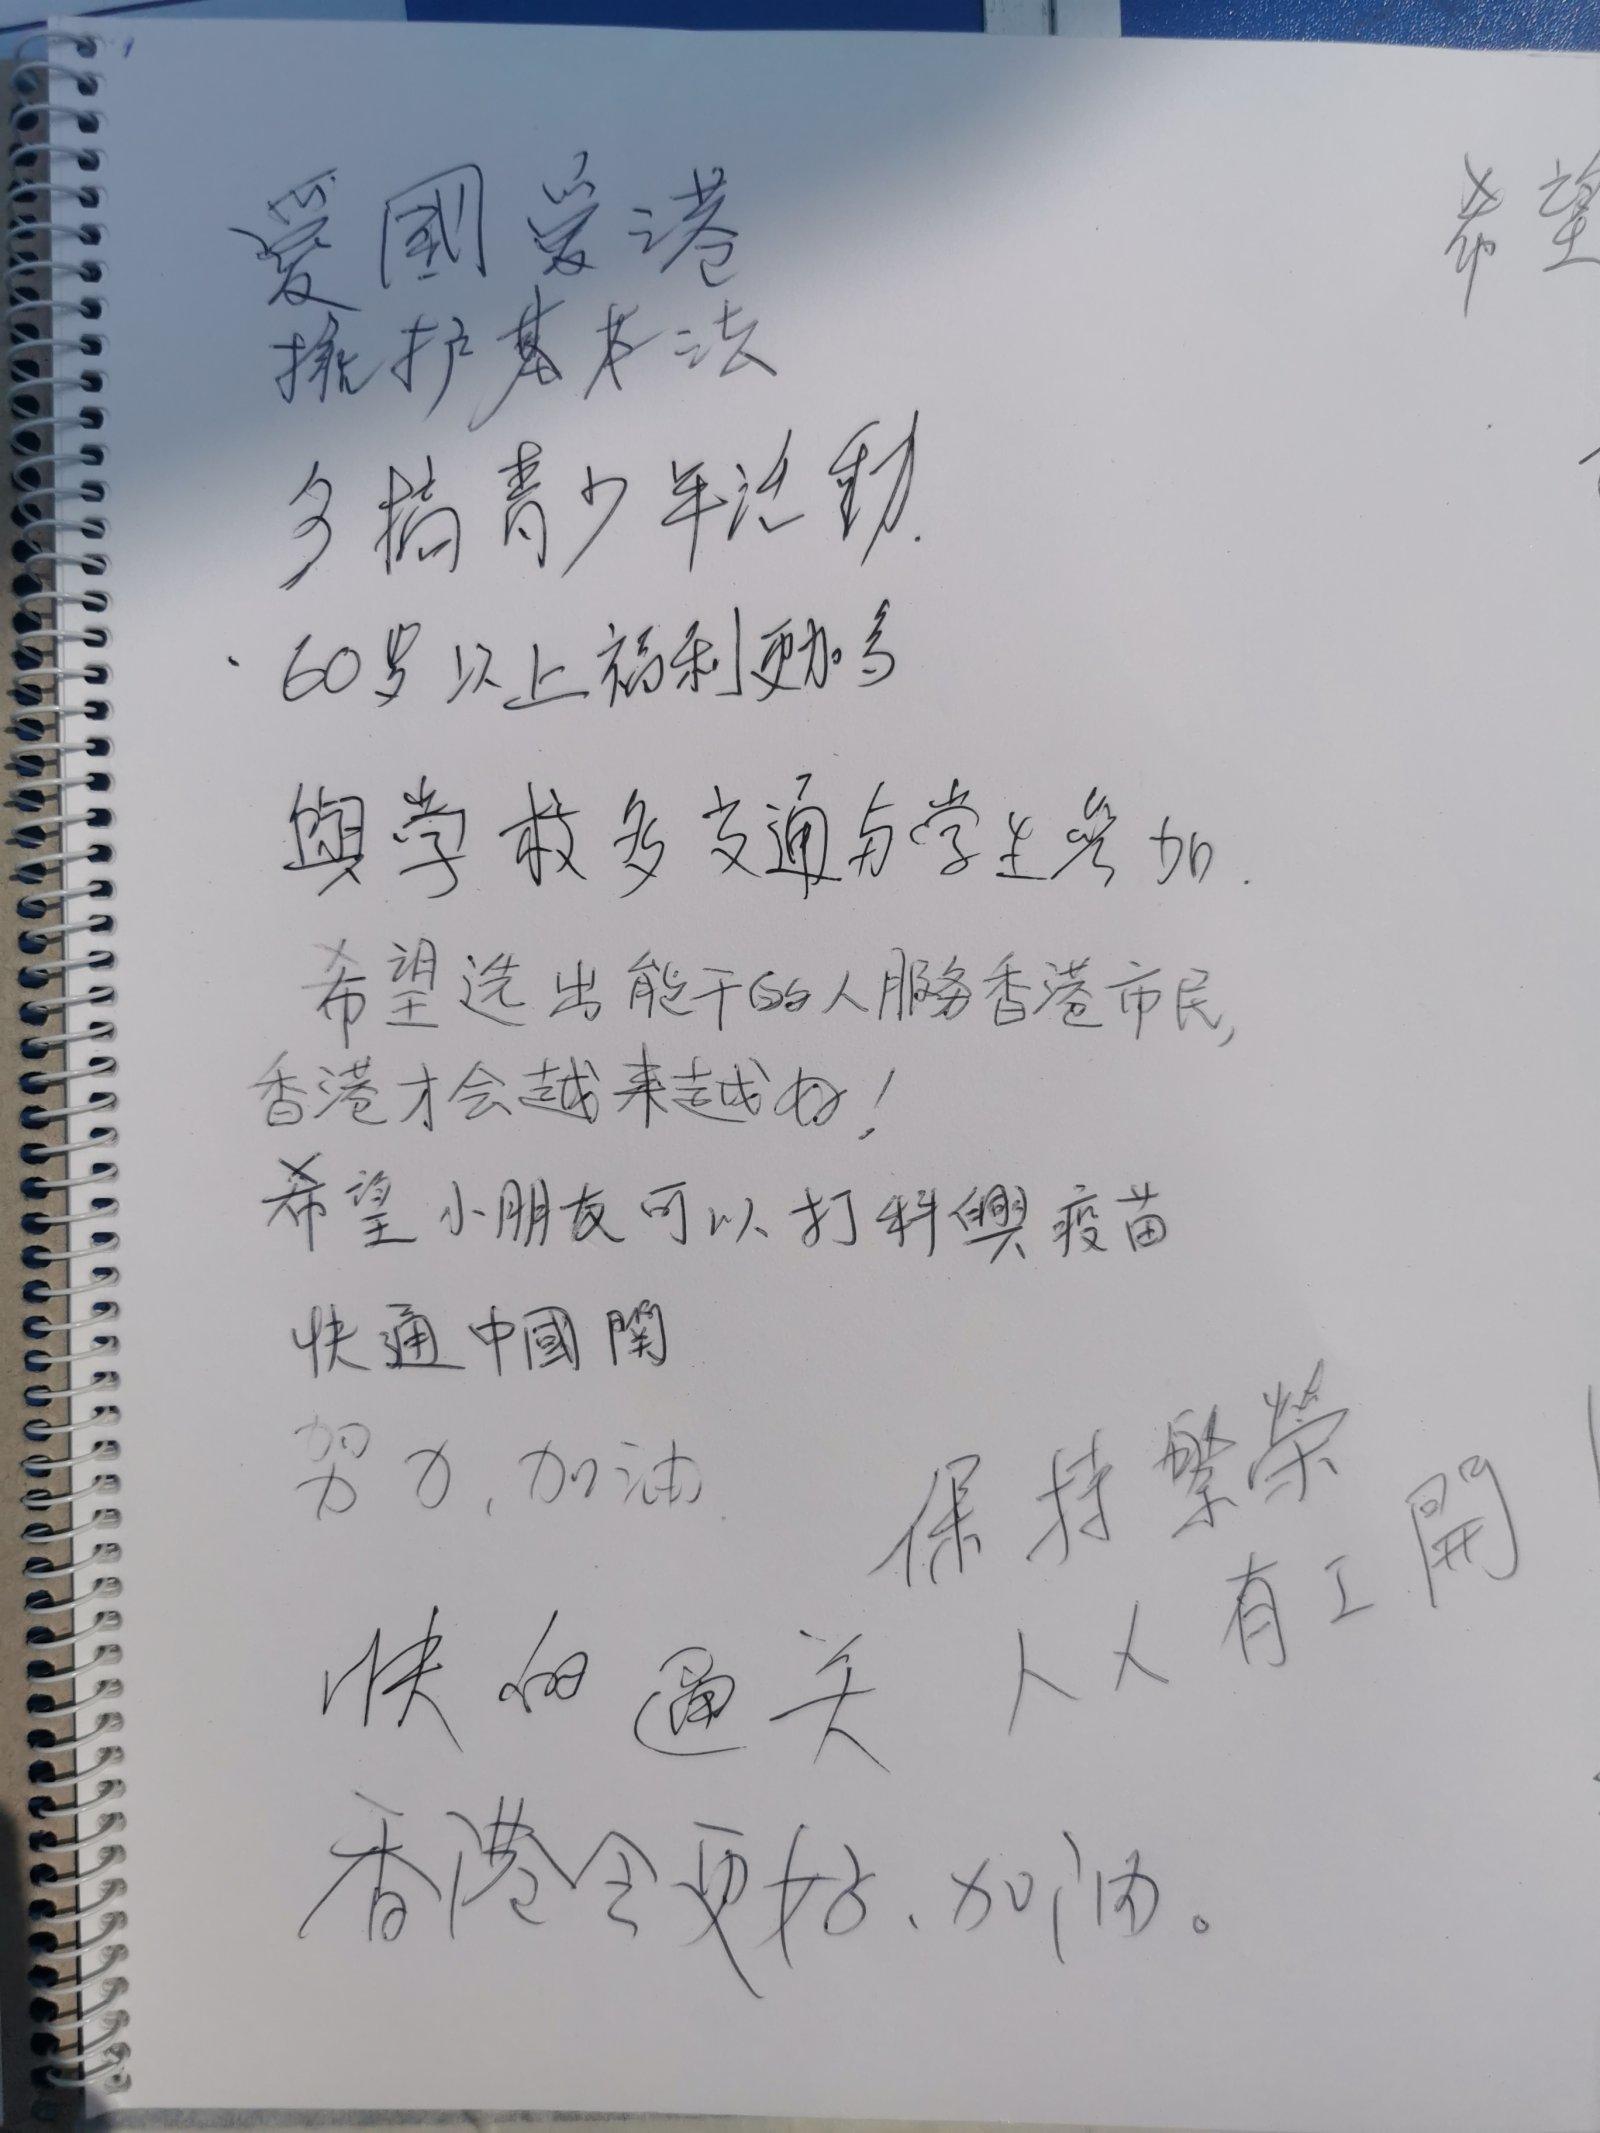 荃灣街站的留言板留言。